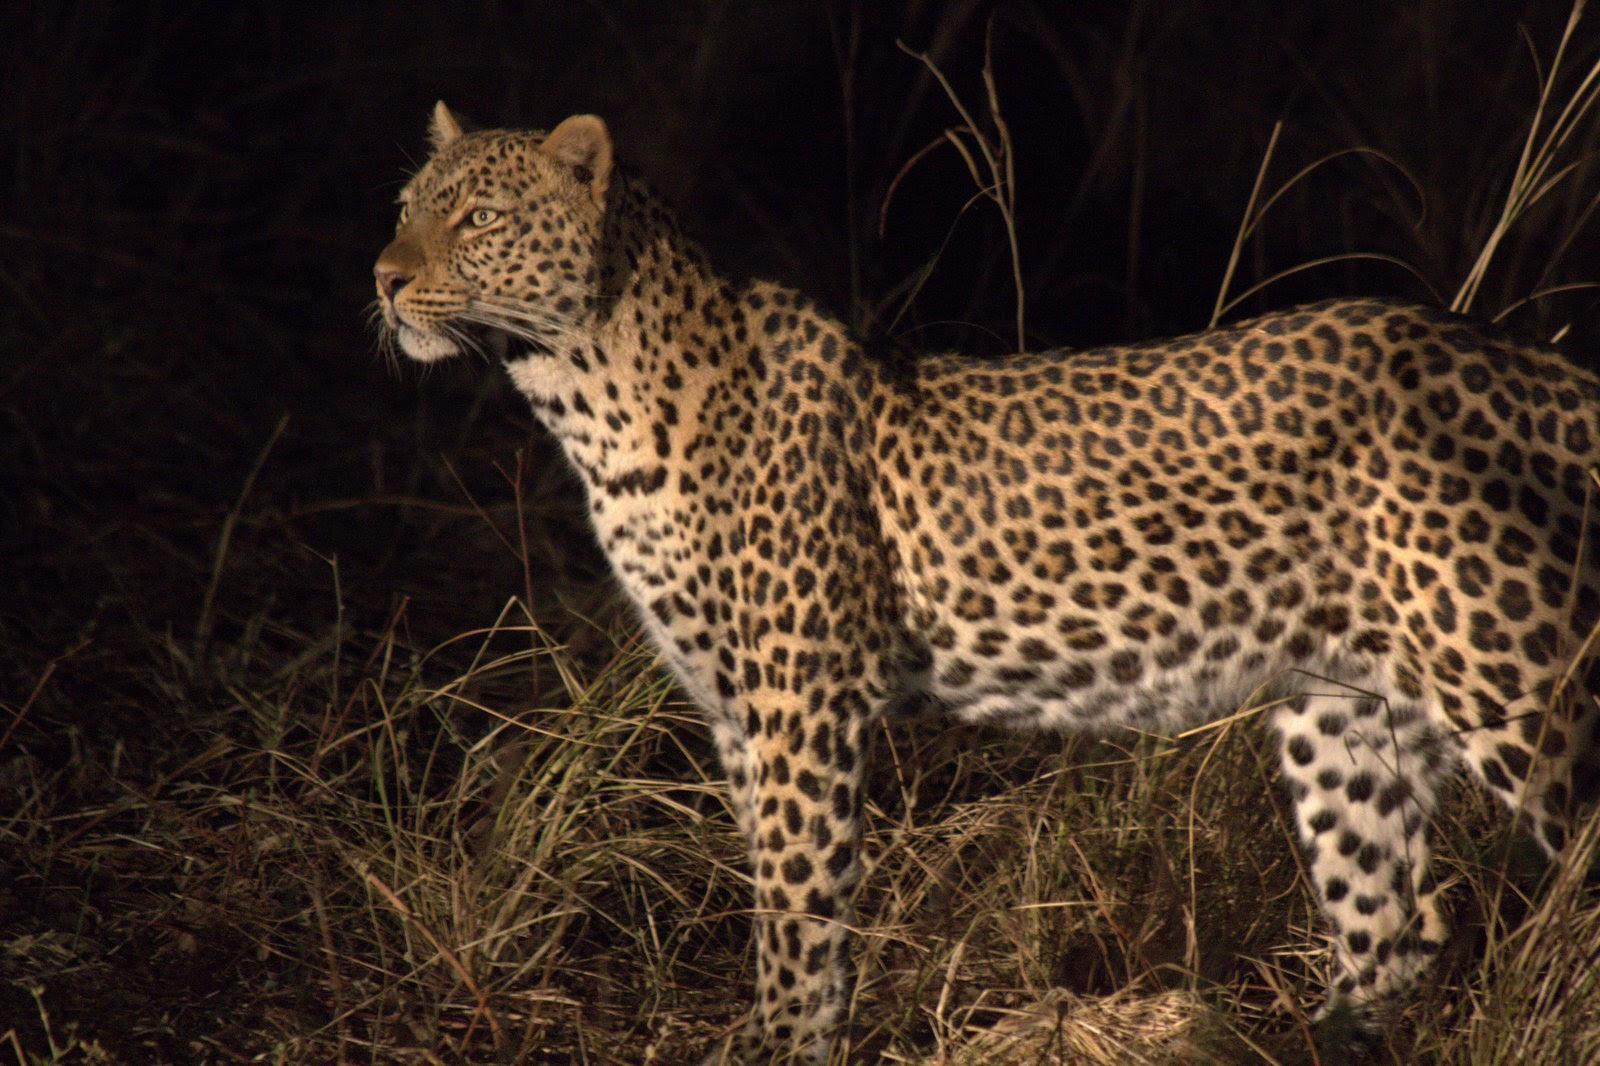 Huntress, Zambia